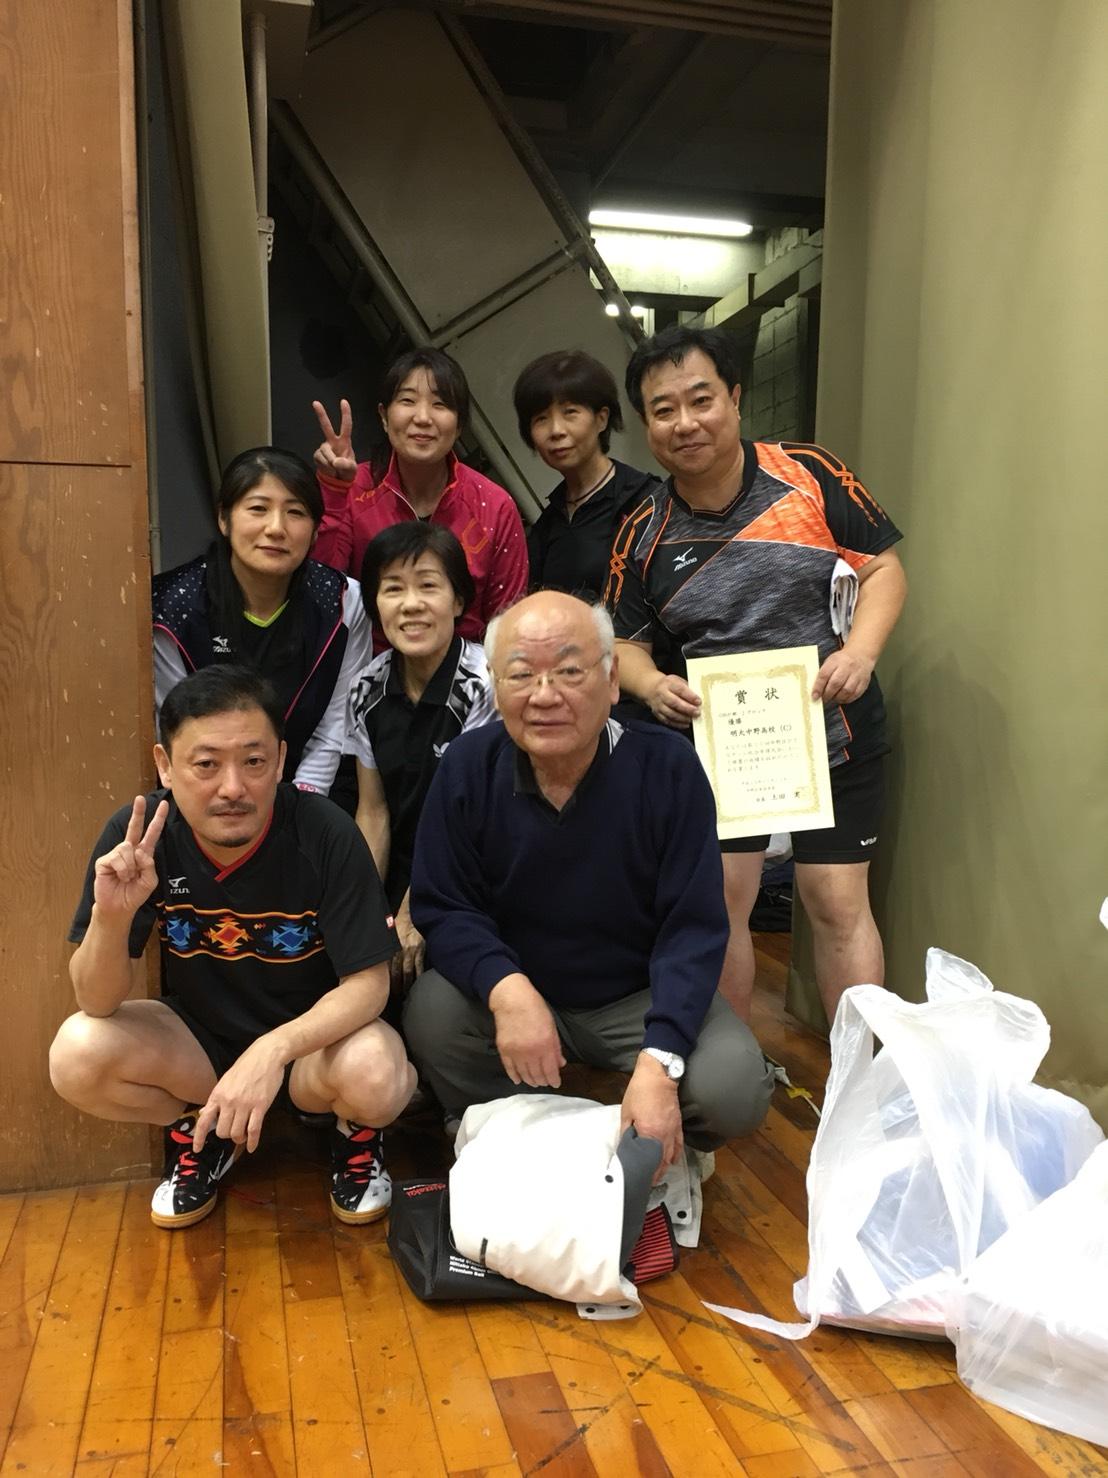 OB-Cチーム リーグ優勝